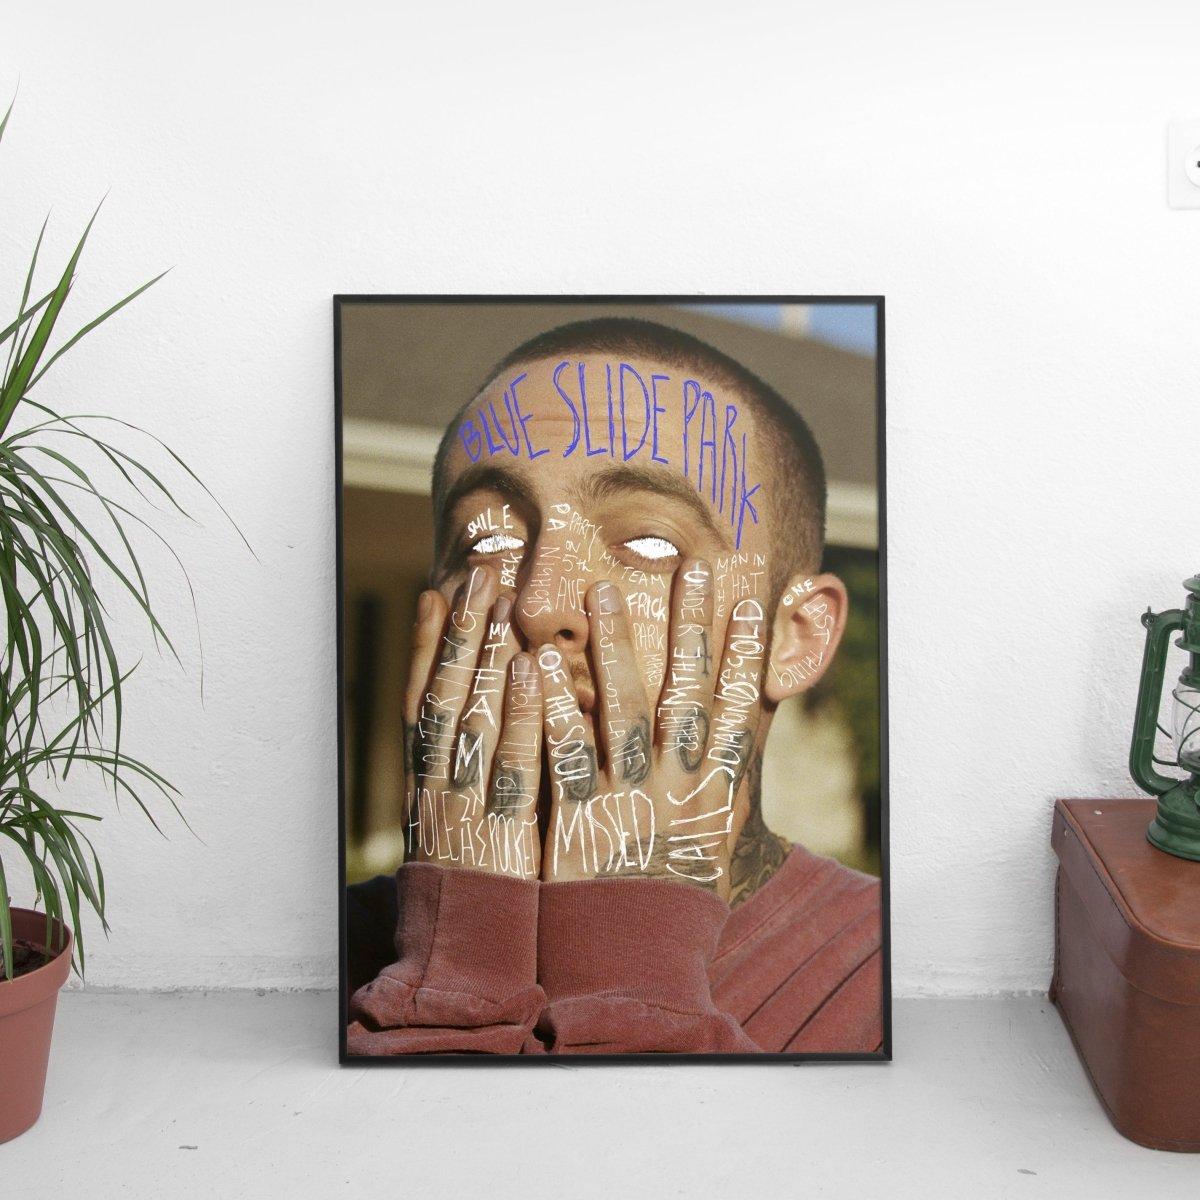 Mac Miller - Blue Slide Park Scribble Poster